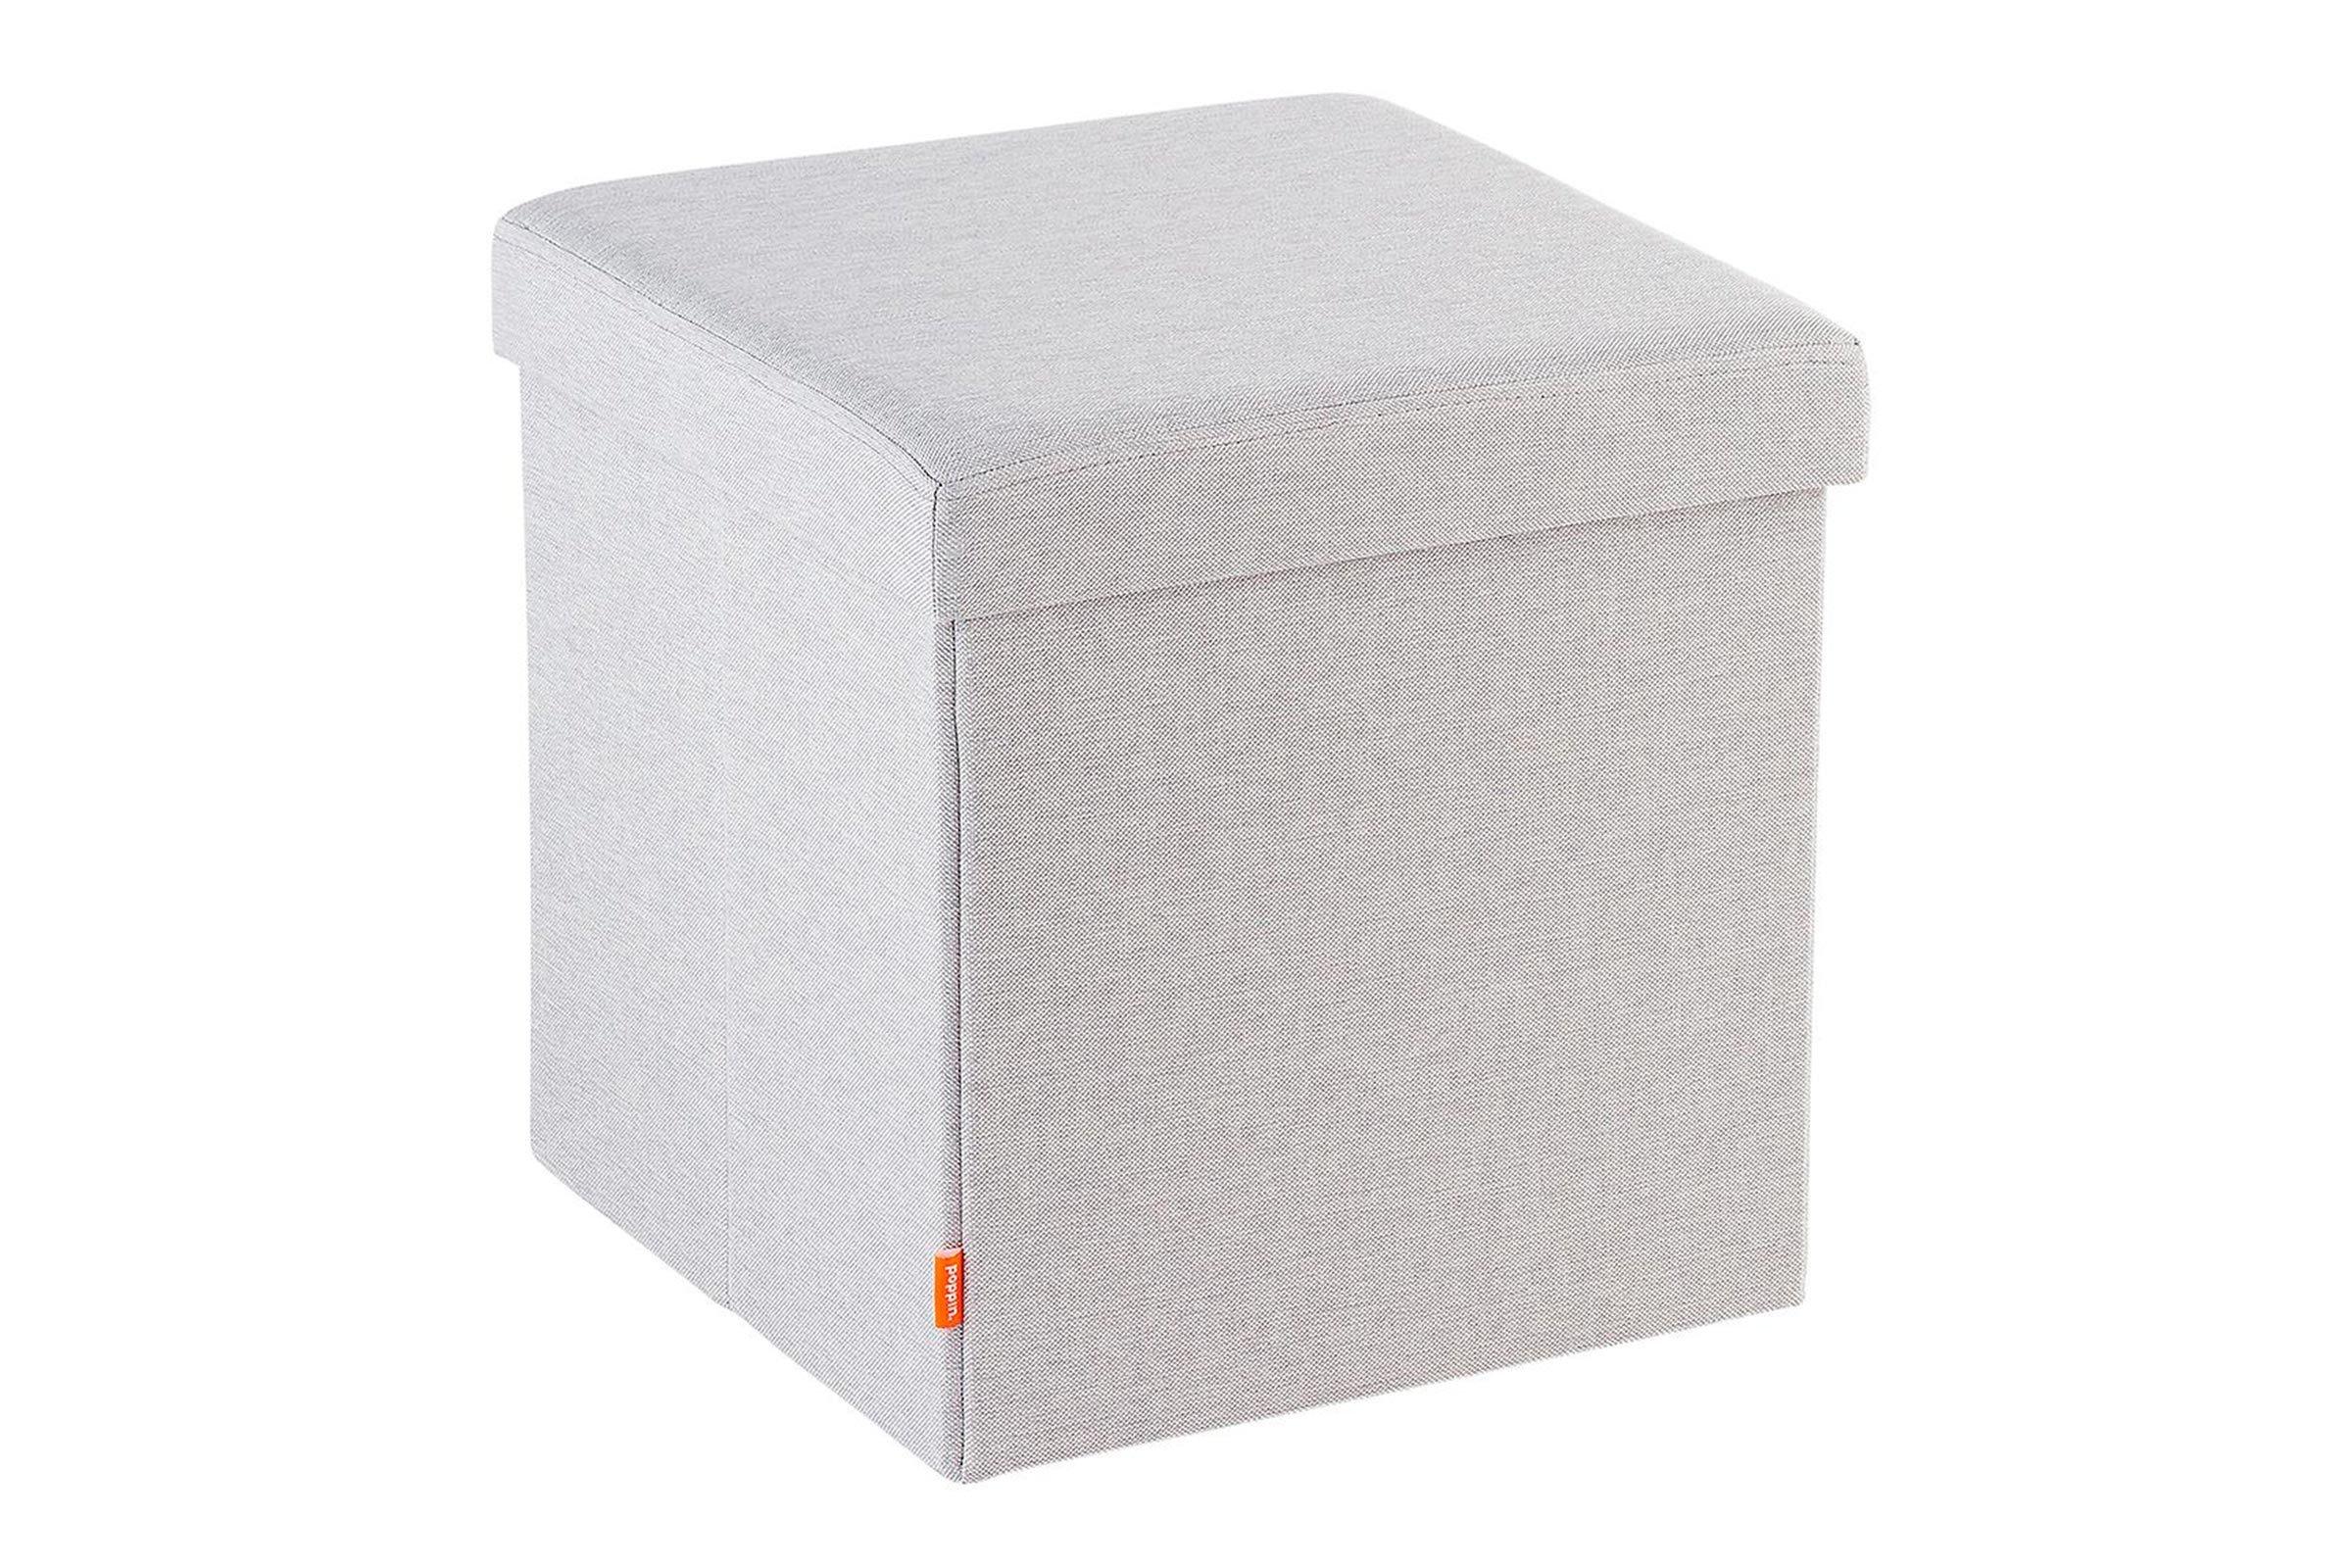 Poppin Box Seat